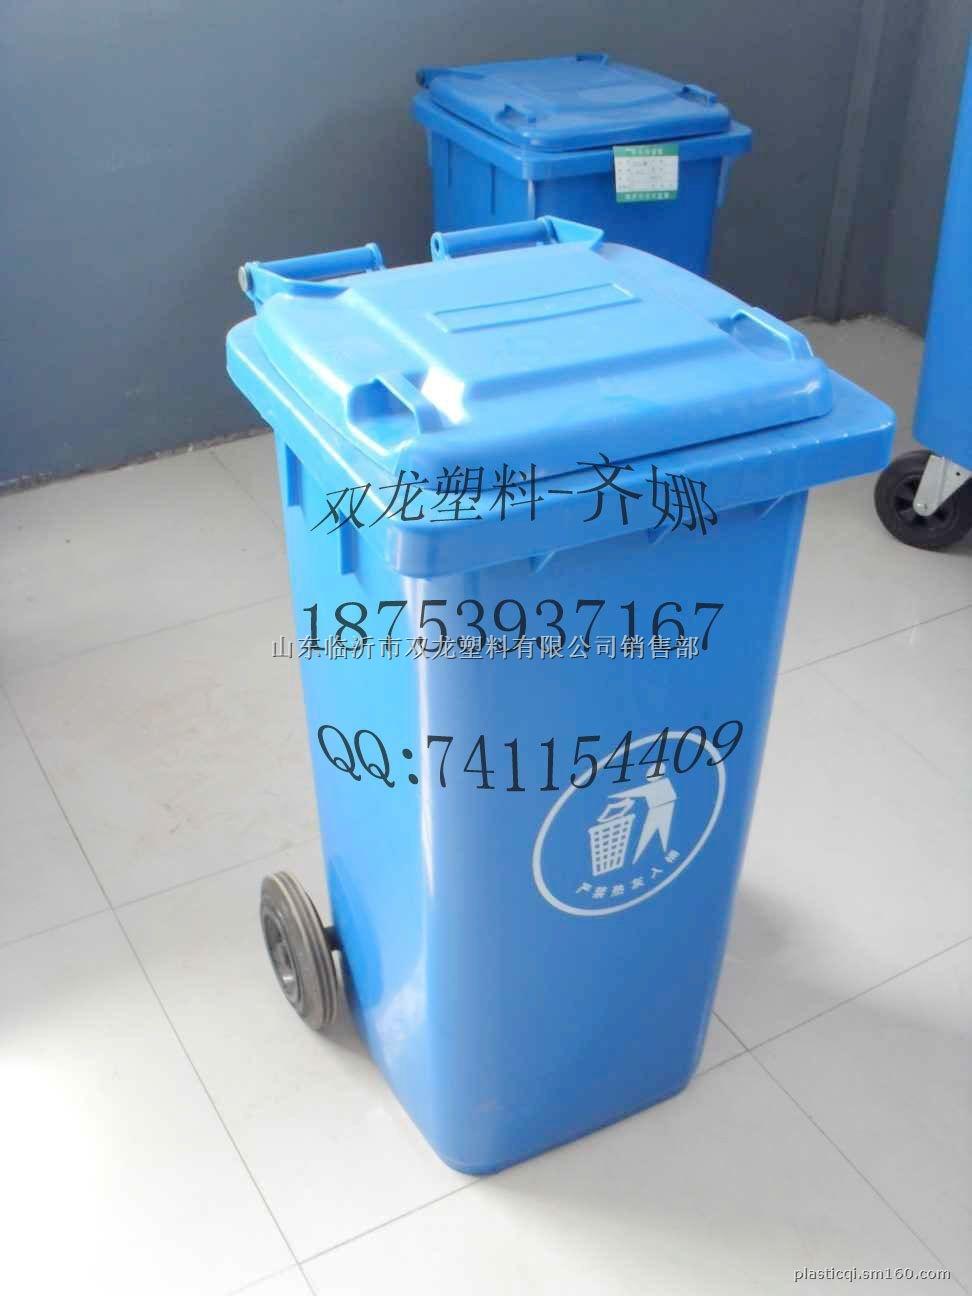 【塑料垃圾桶小区物业垃圾桶】公共环卫设施批发价格